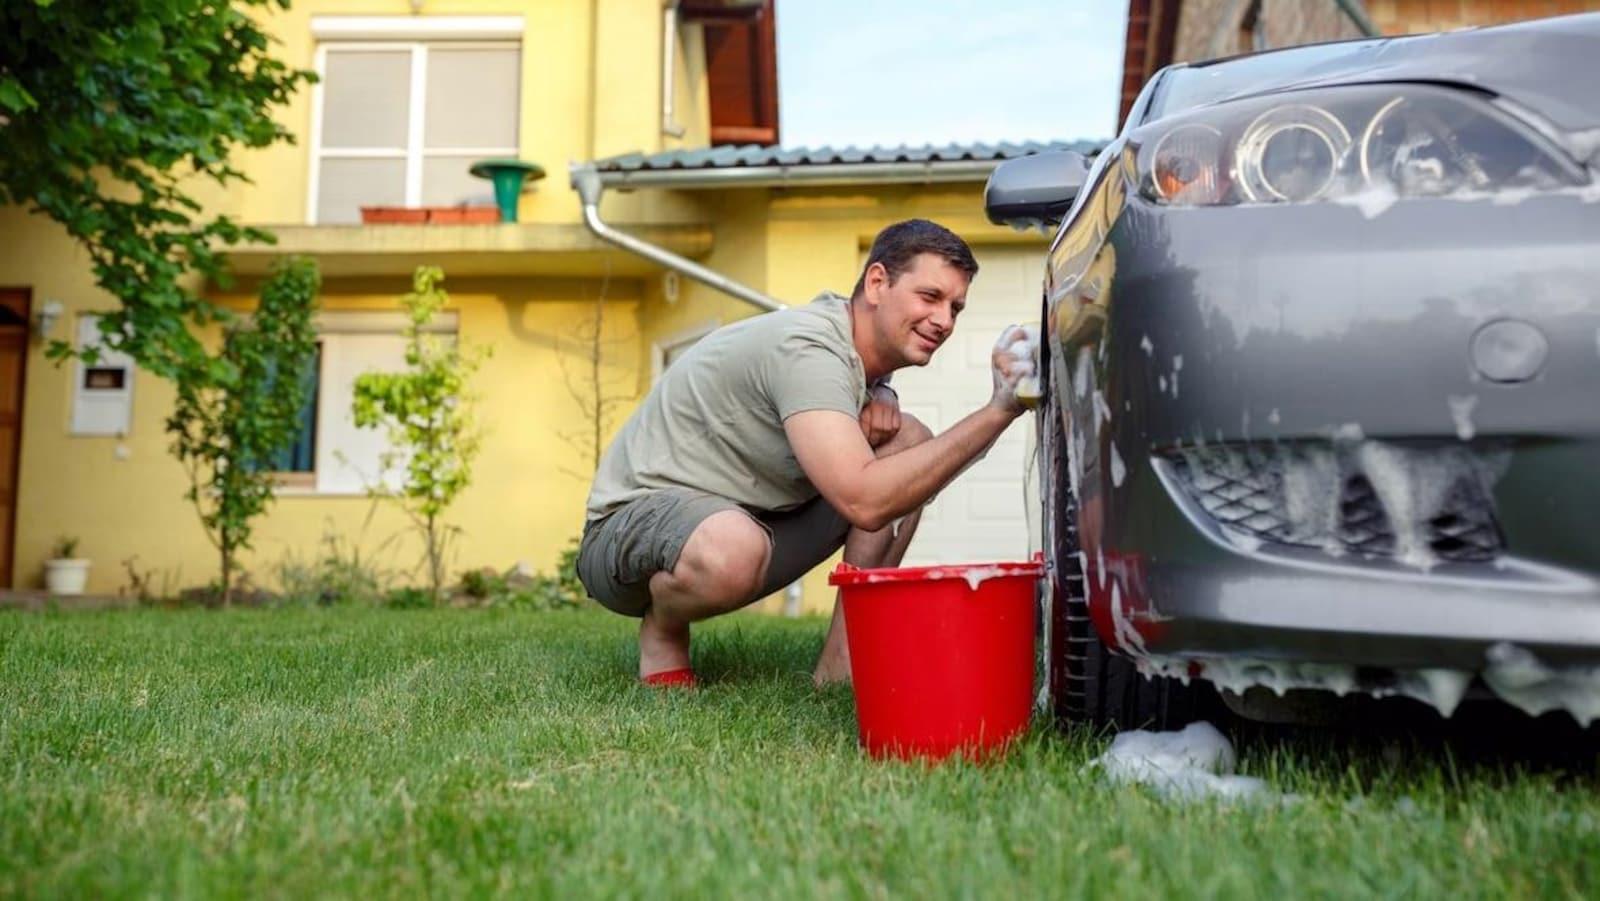 Un homme nettoie son véhicule avec une éponge, un seau d'eau et du savon.